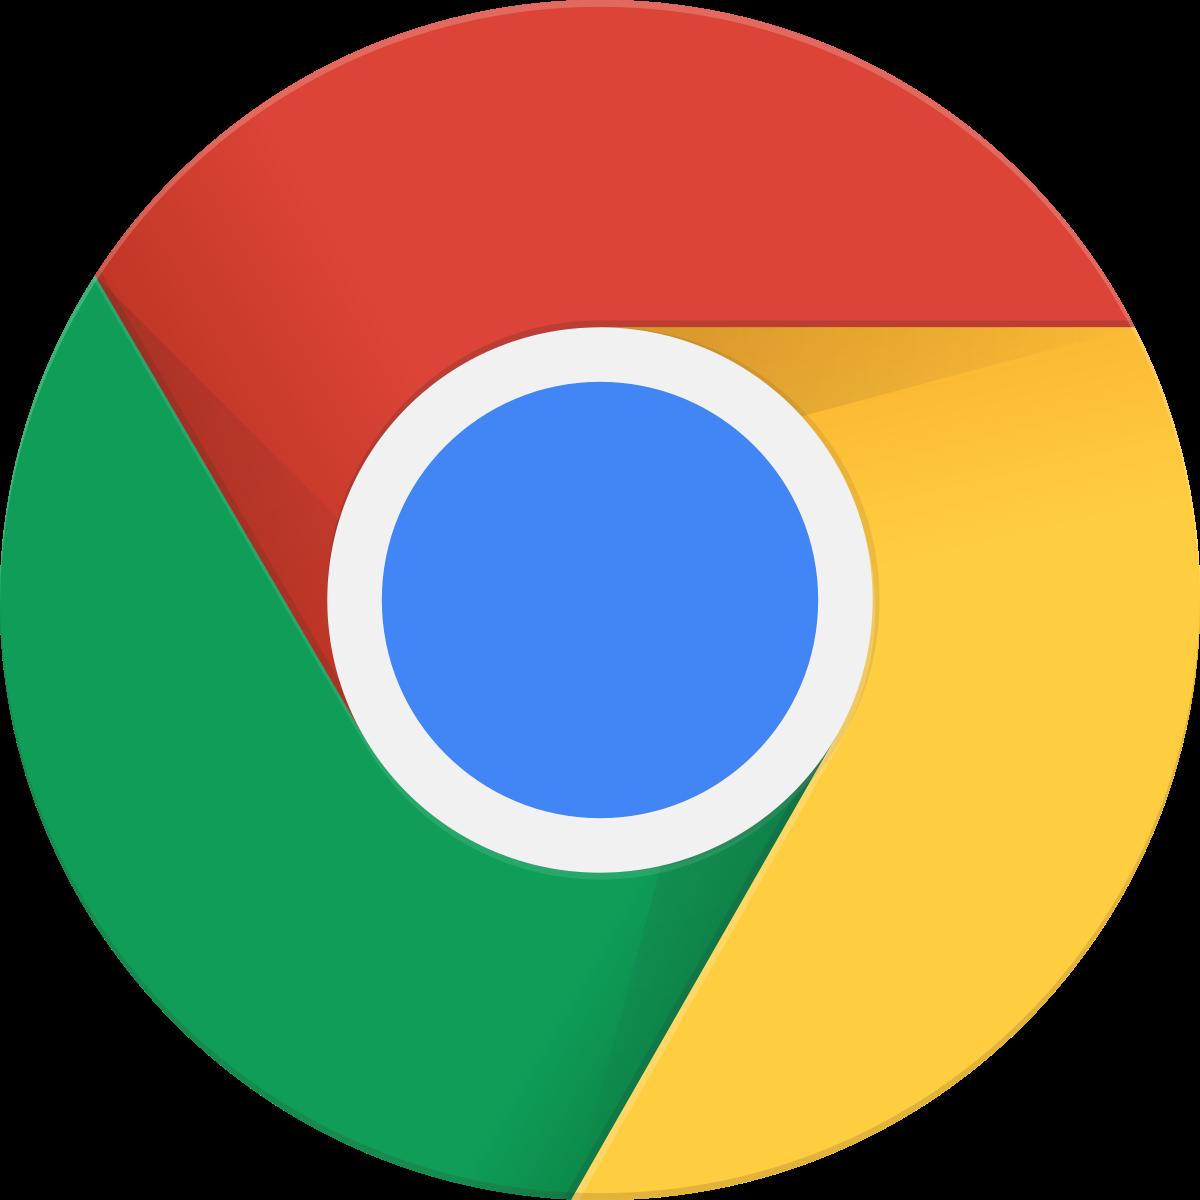 CHROME ME TELECHARGE LES ANIMATIONS SWF TÉLÉCHARGER ... - Google Logo Animation